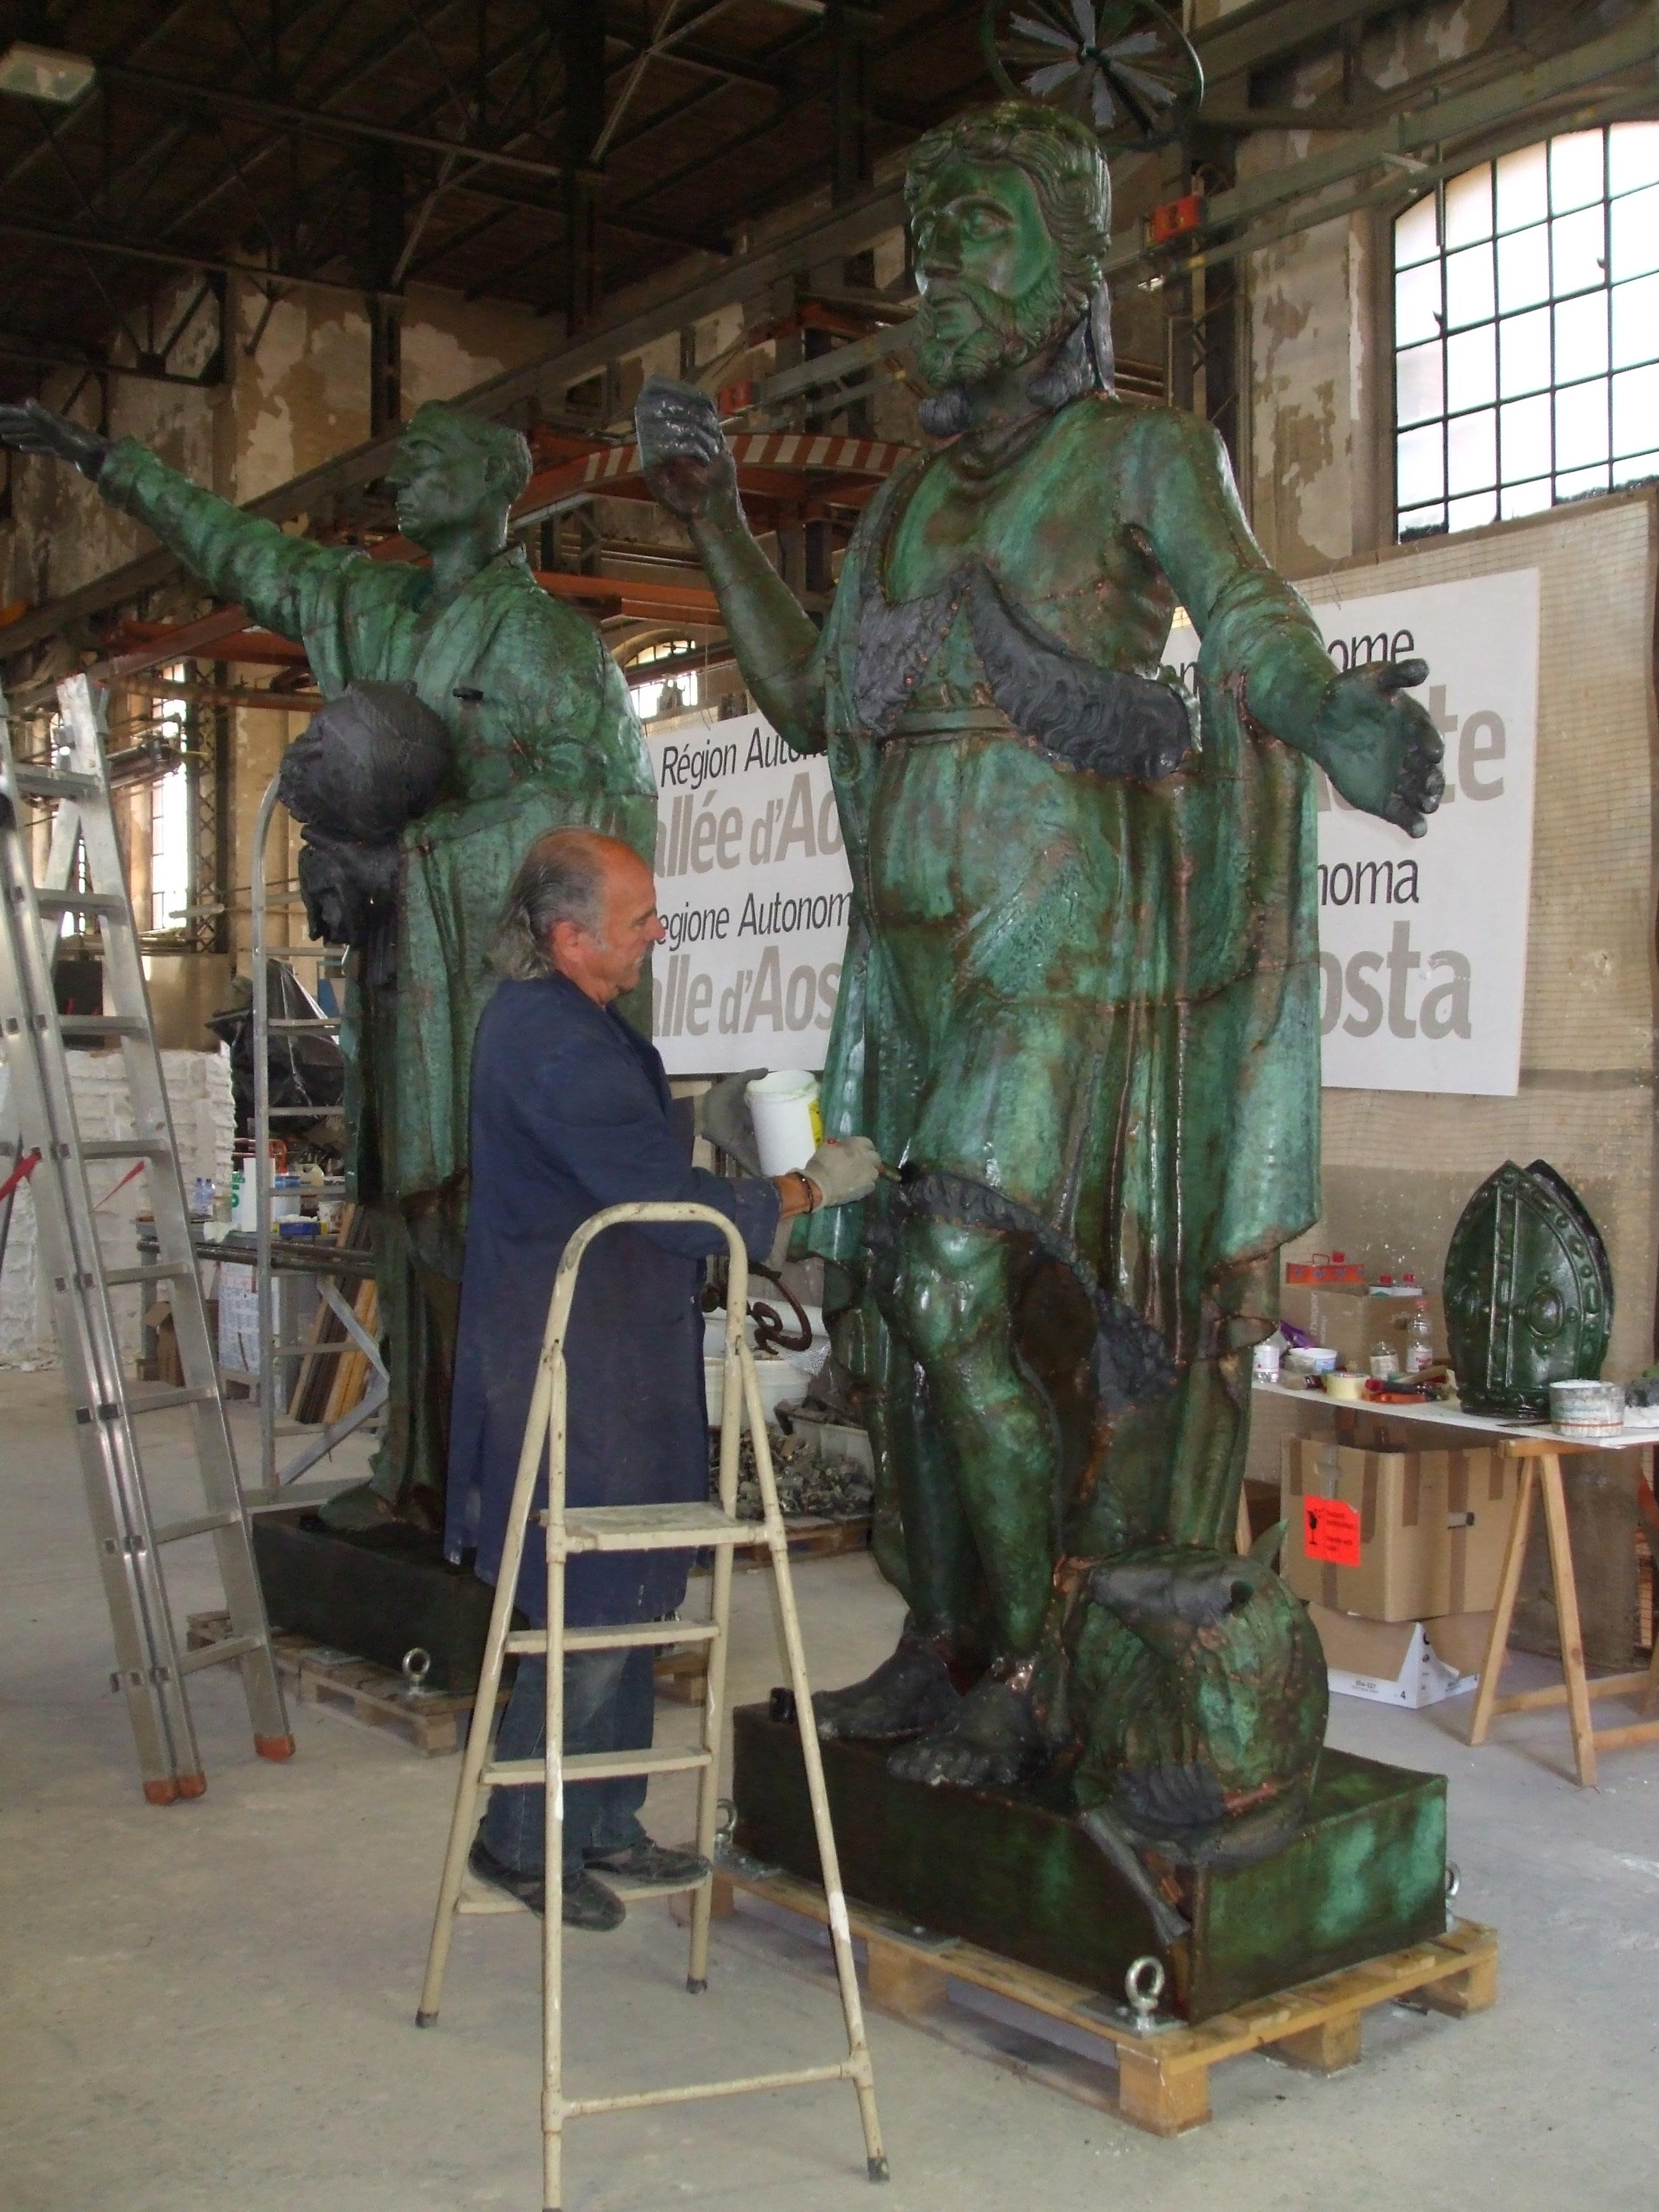 Statue Duomo Aosta